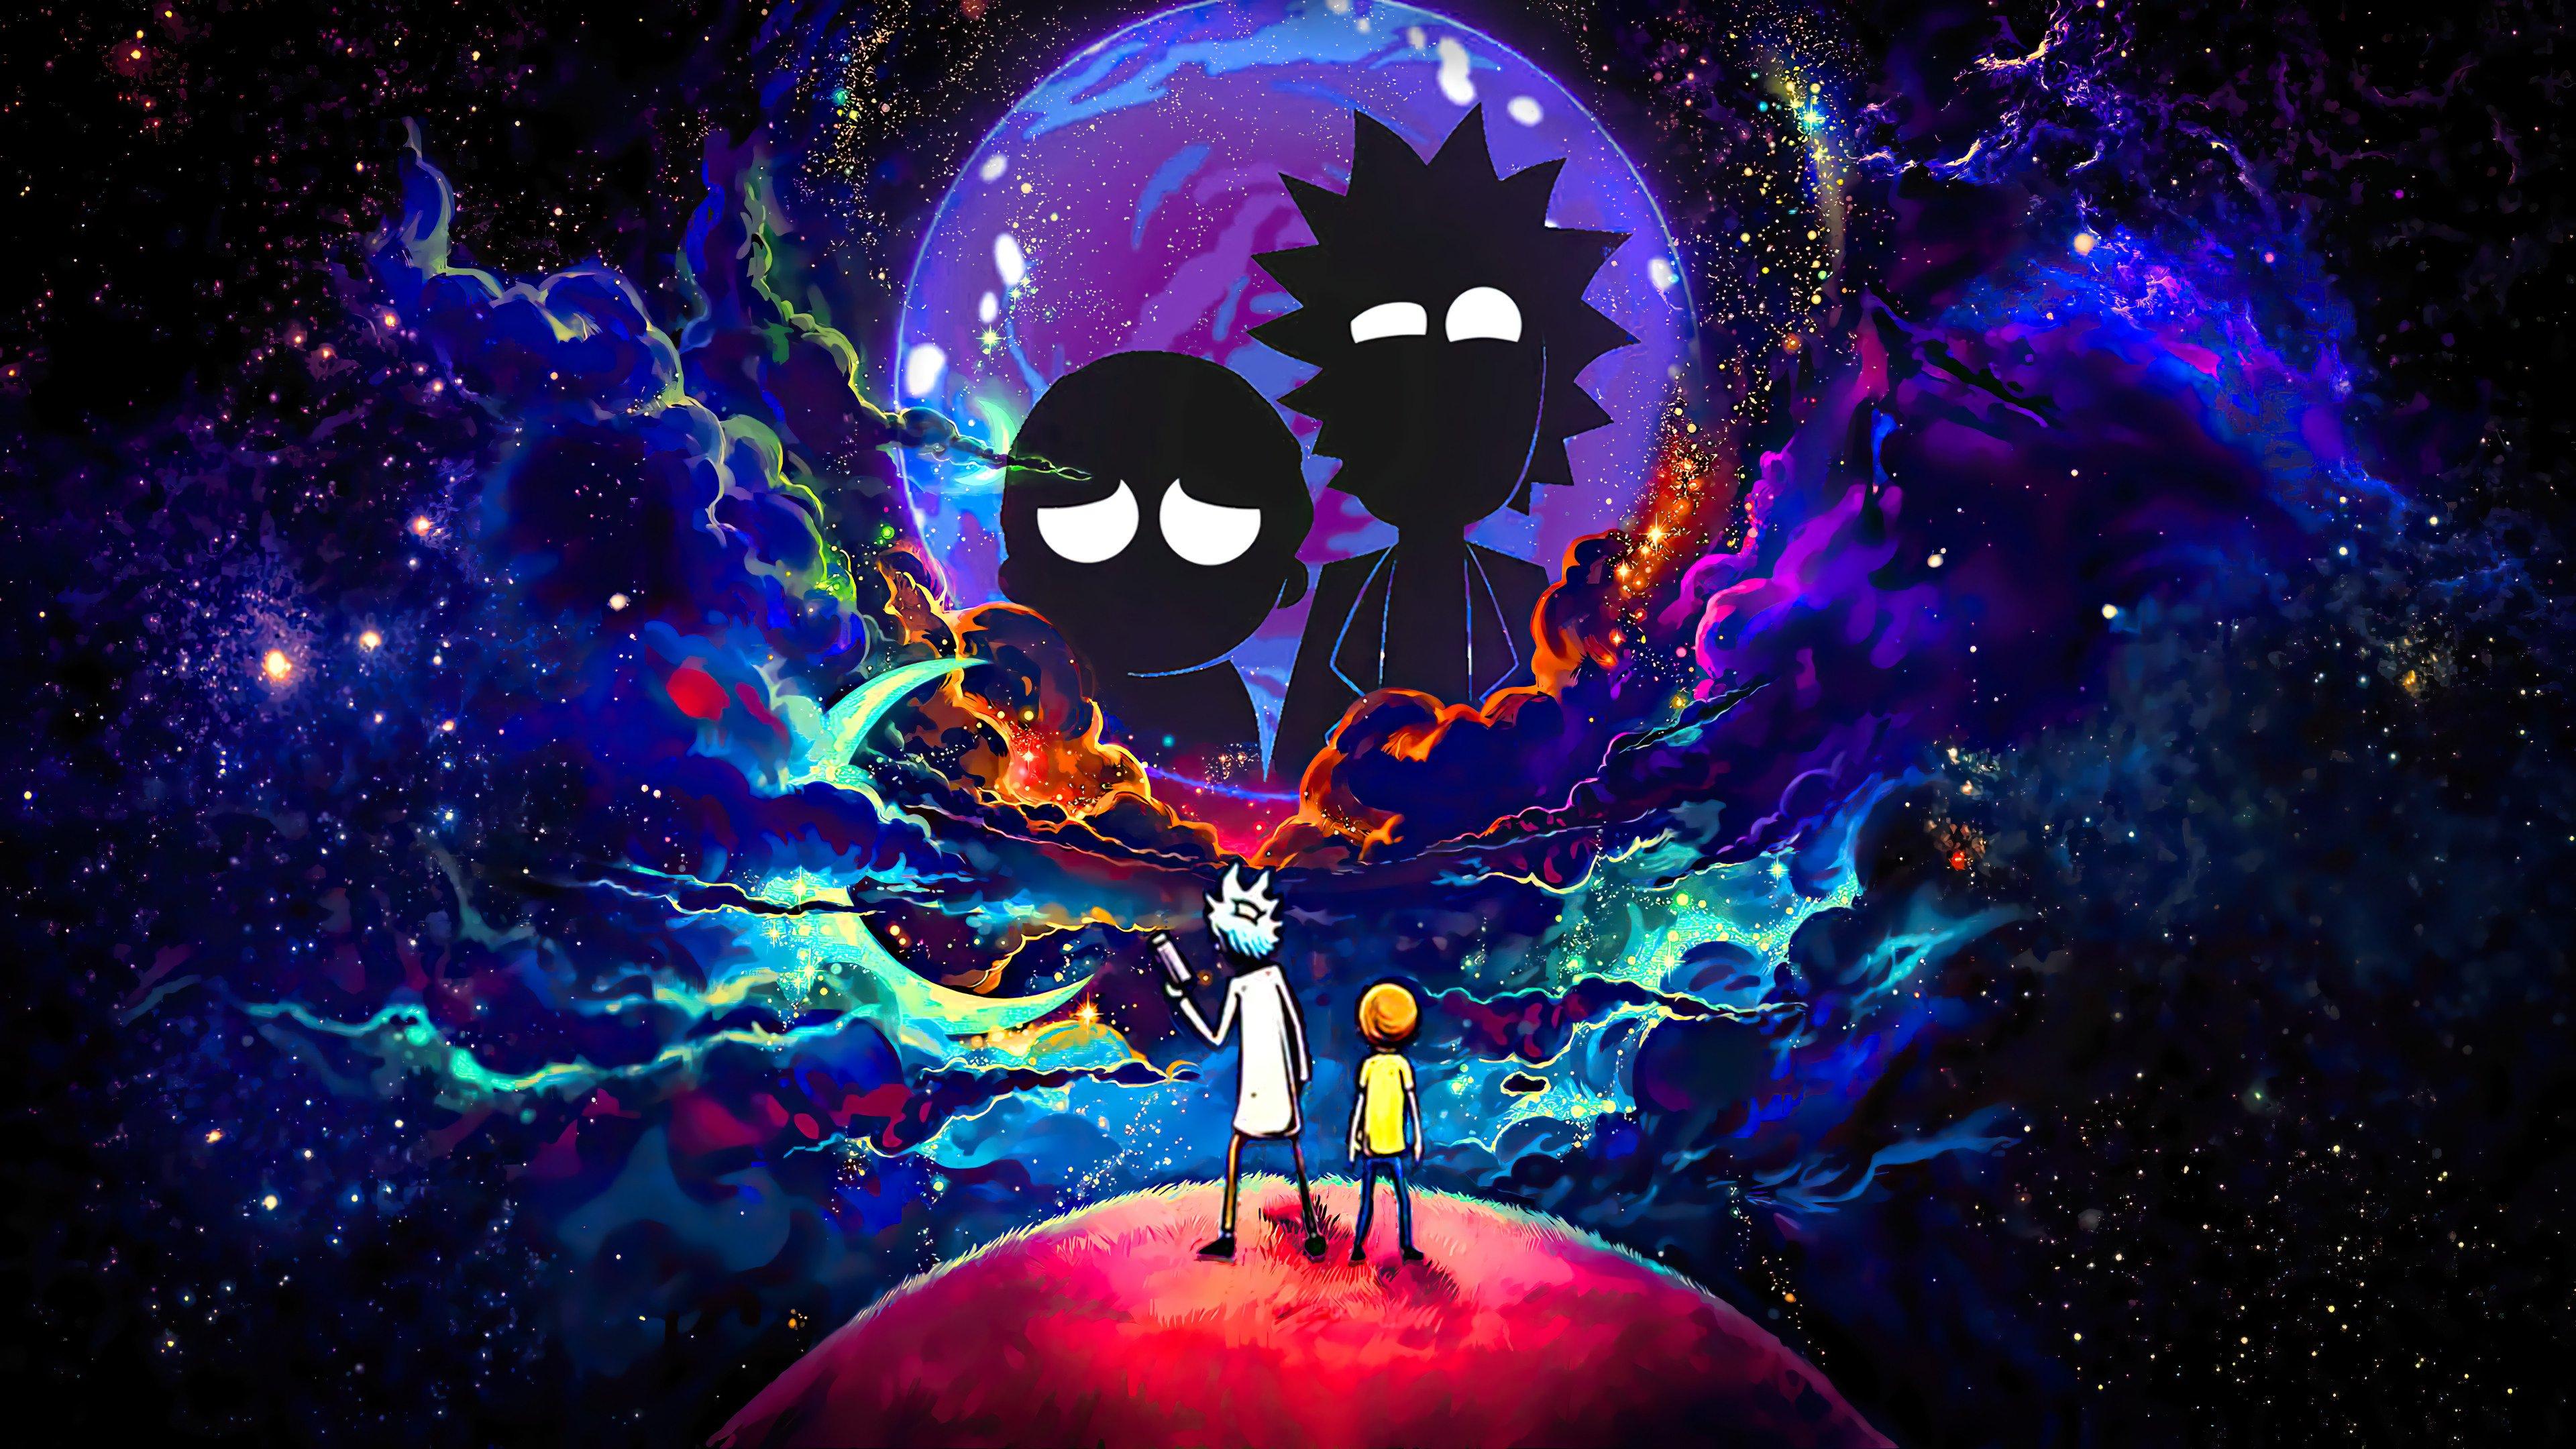 Fondos de pantalla Rick y Morty Fanart 2020